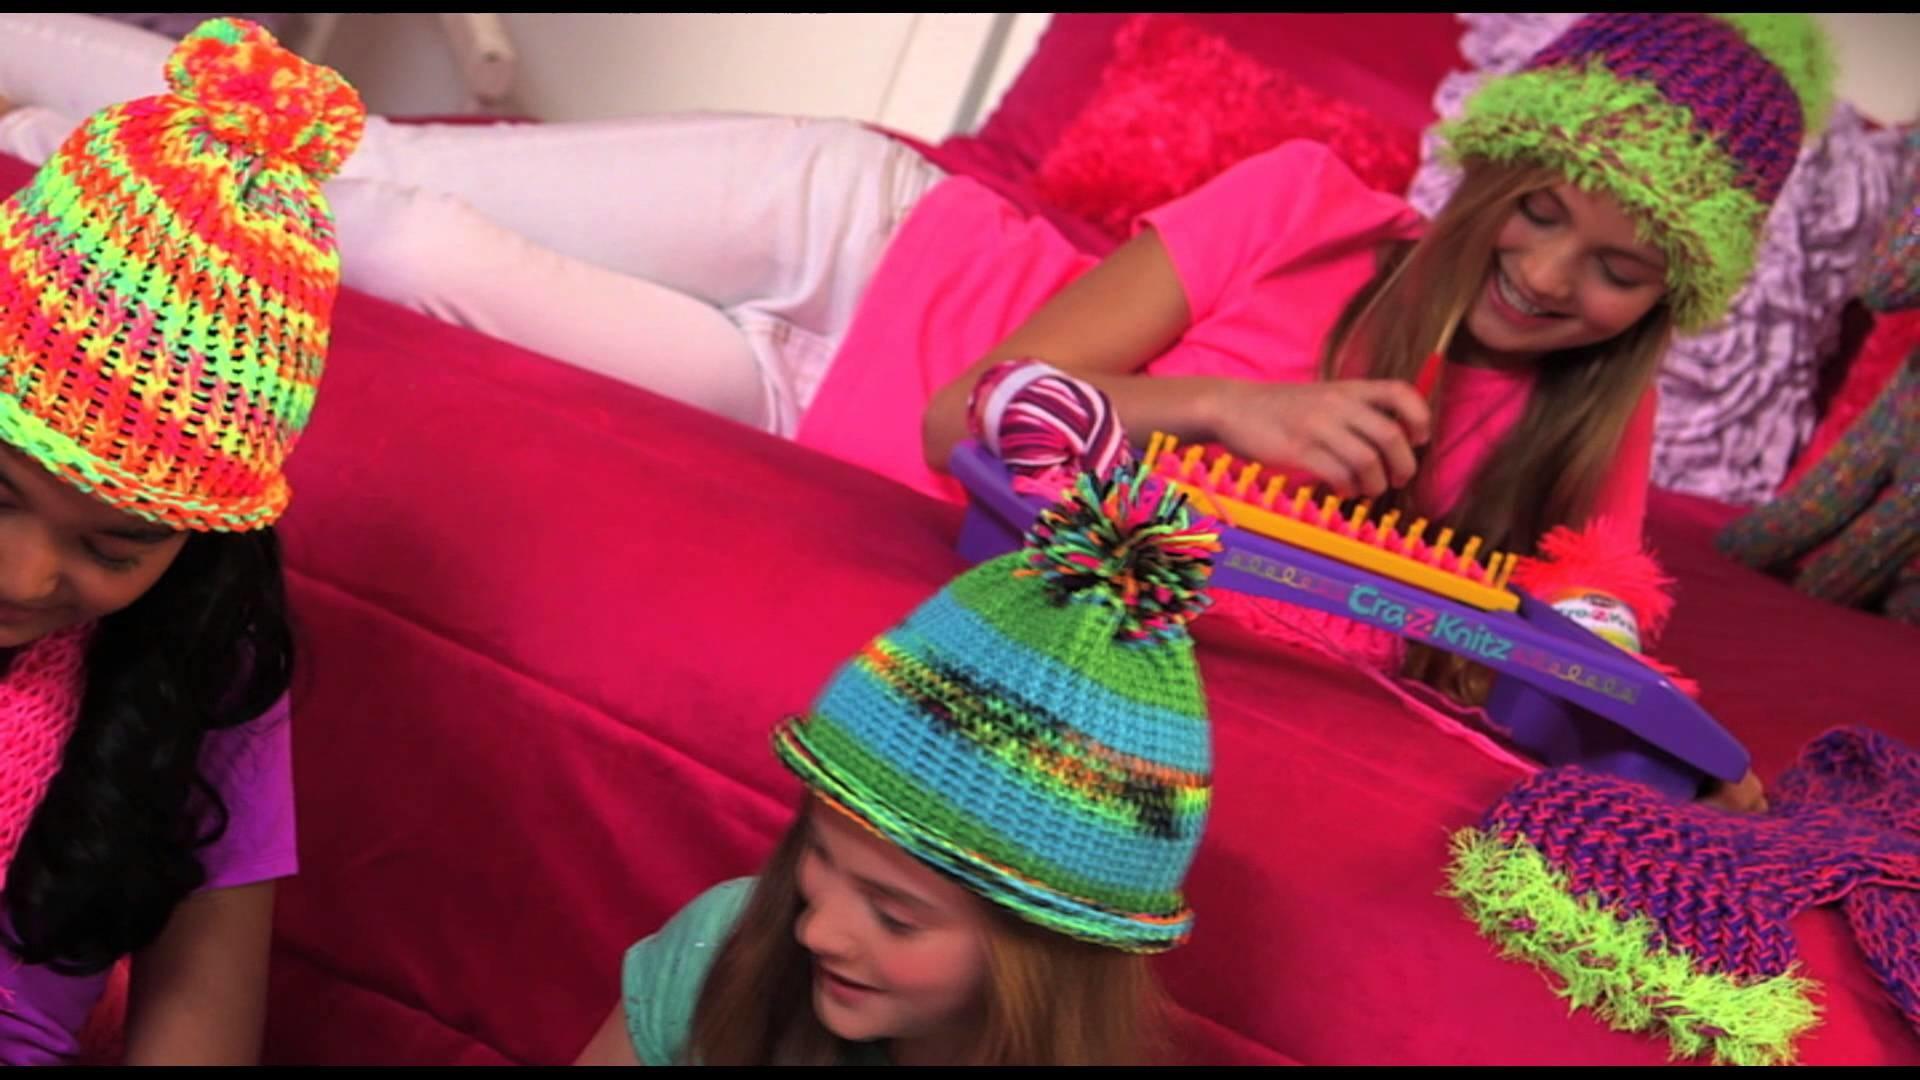 Shimmer & Sparkle Cra-z-Knit